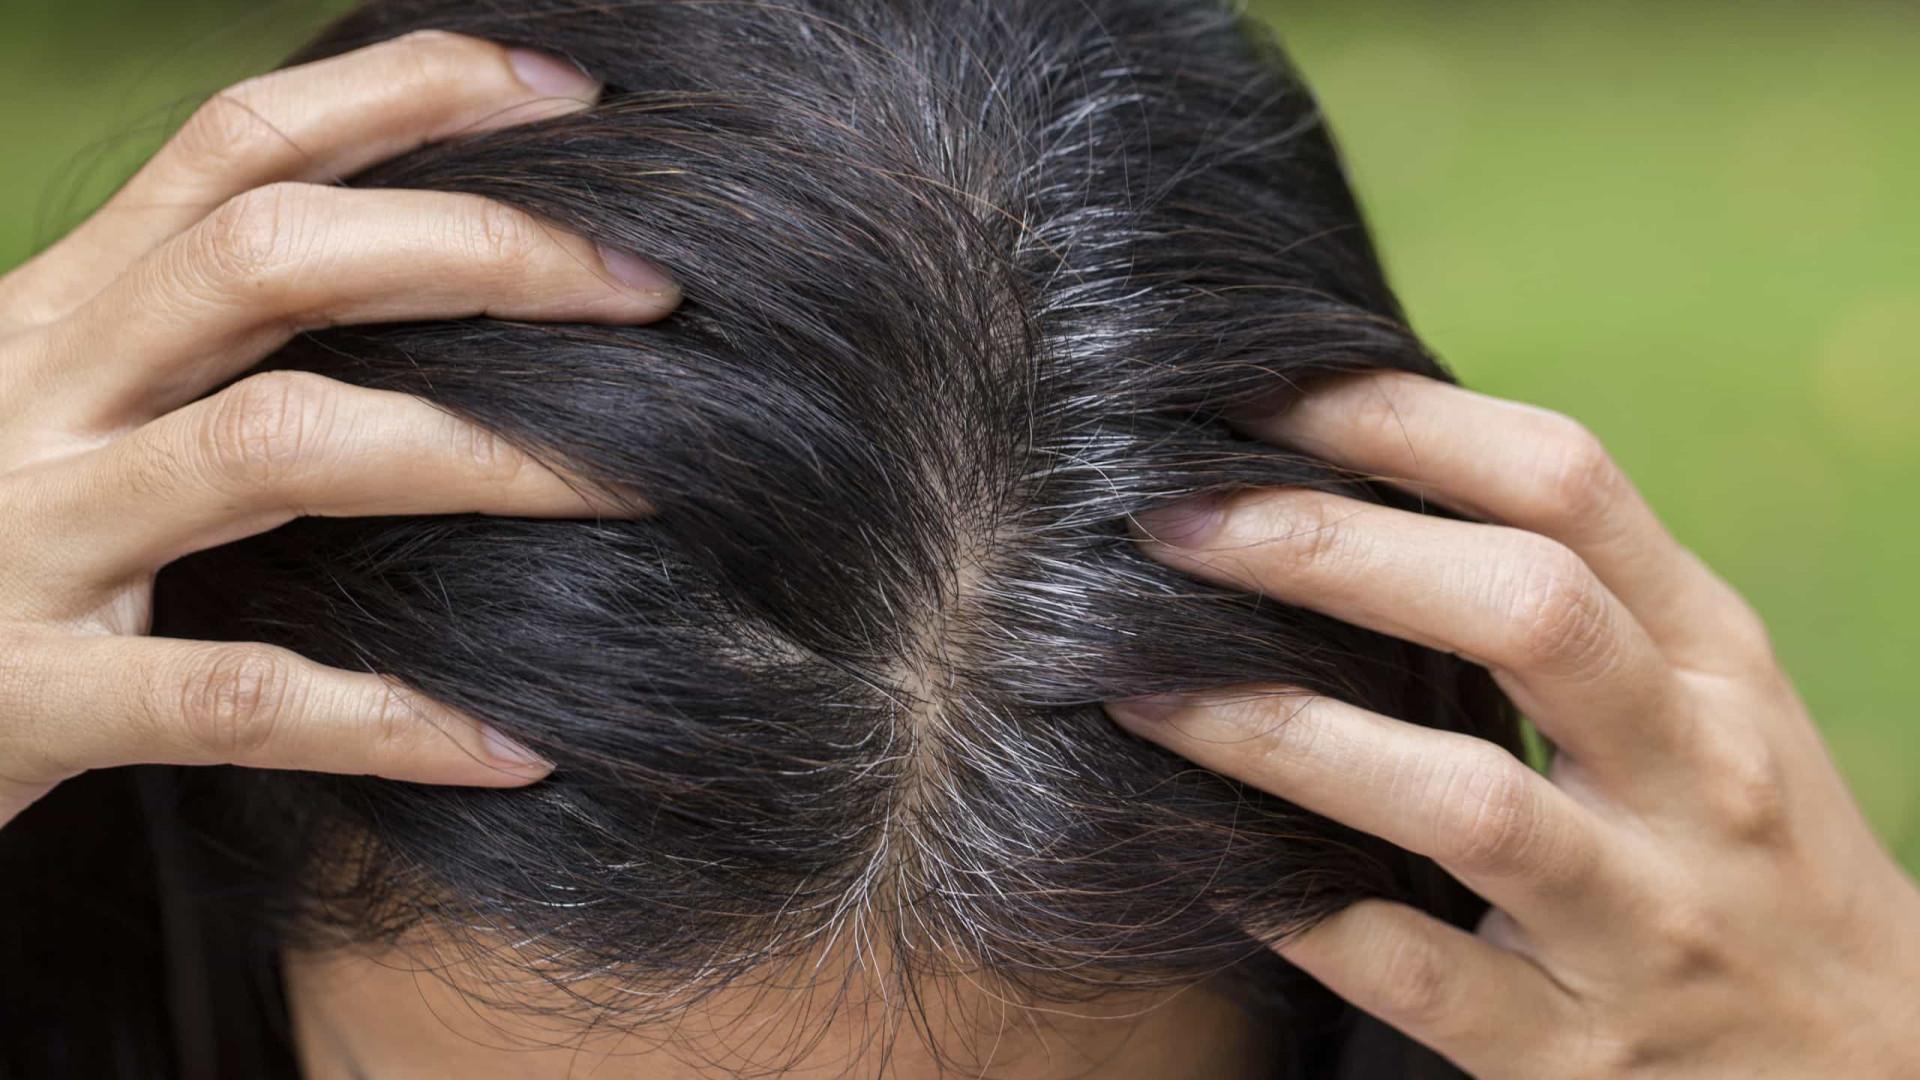 Cabelos brancos causados por stress podem ser revertidos, diz estudo